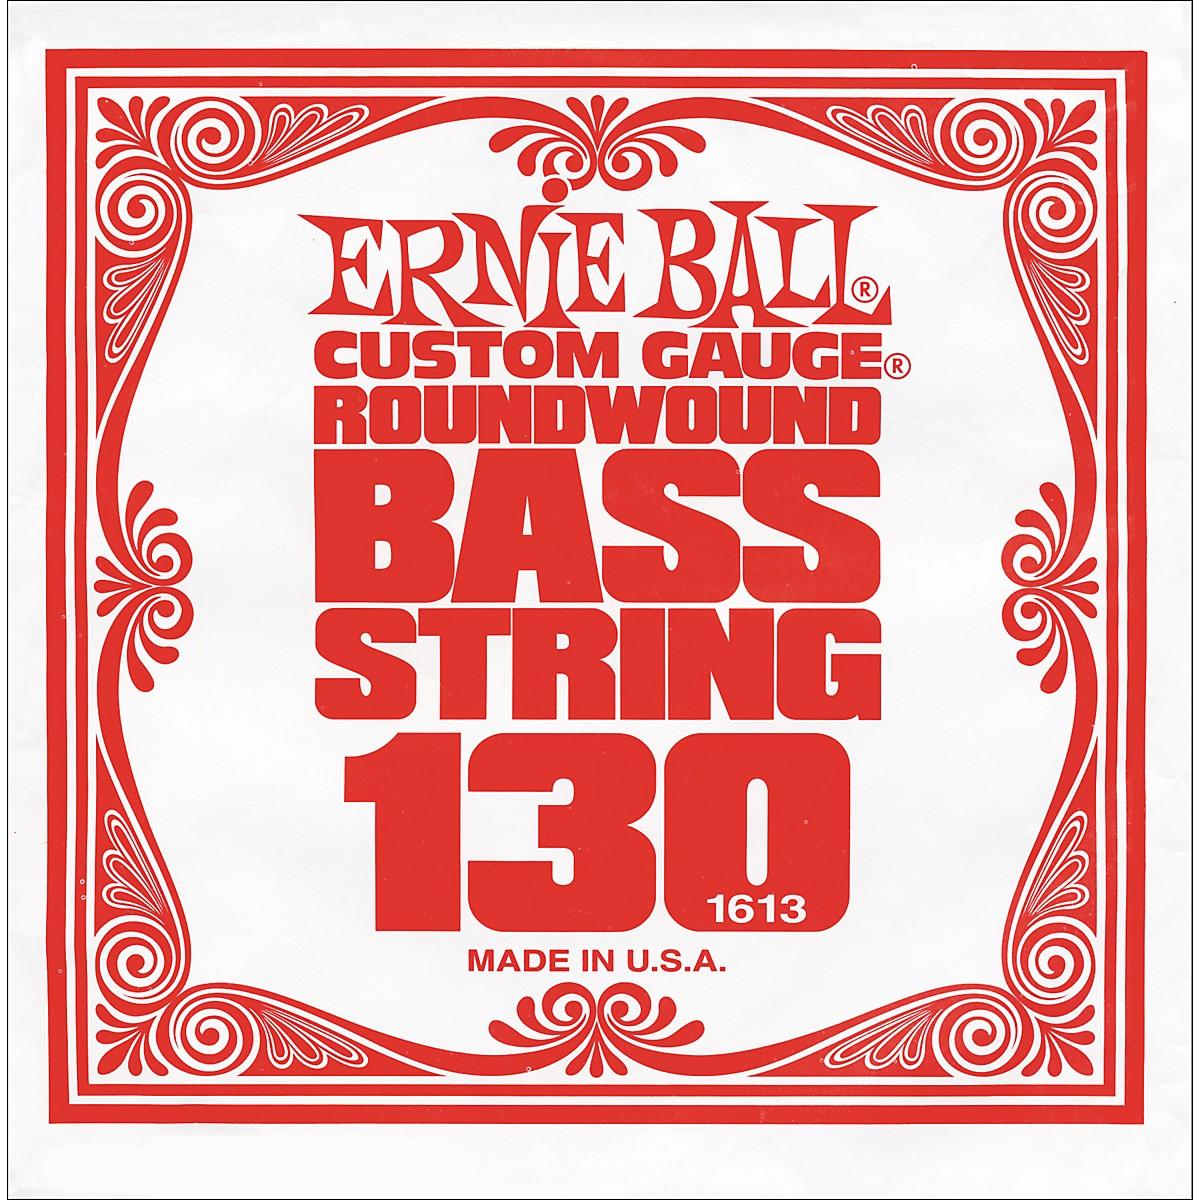 Ernie Ball 1613 Single Bass Guitar String